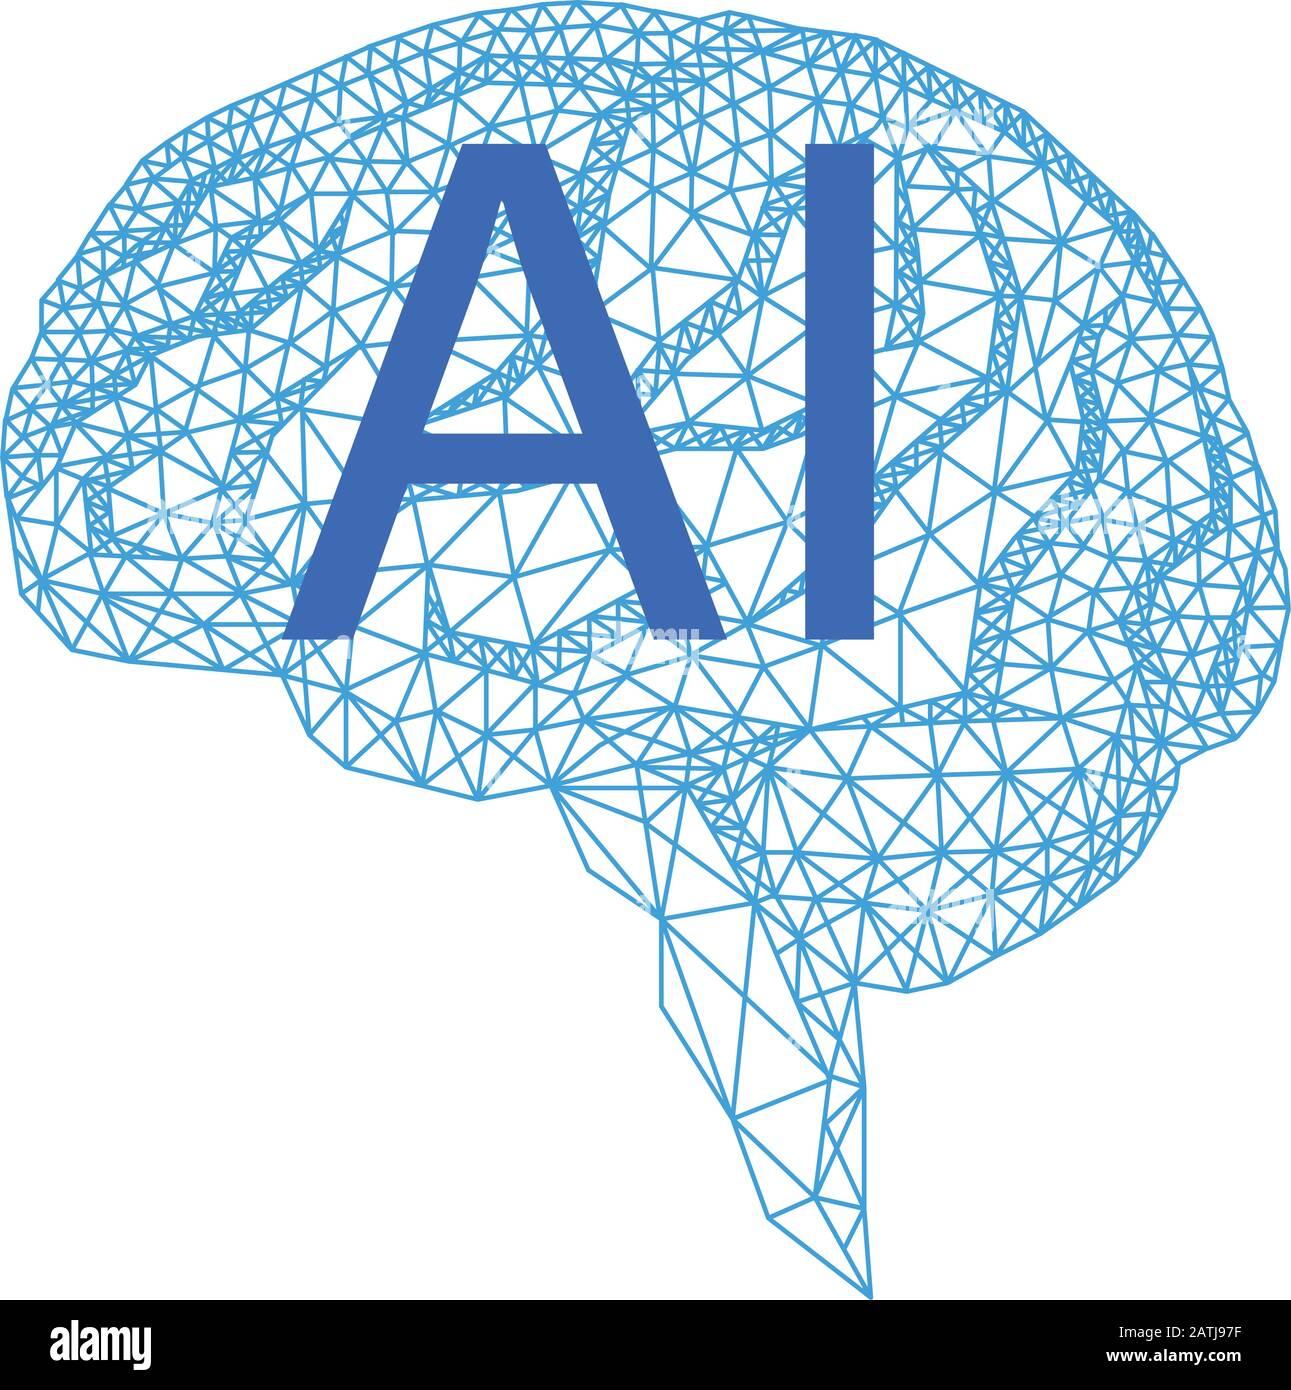 Inteligencia artificial, cerebro humano geométrico, ilustración vectorial sobre fondo blanco Ilustración del Vector